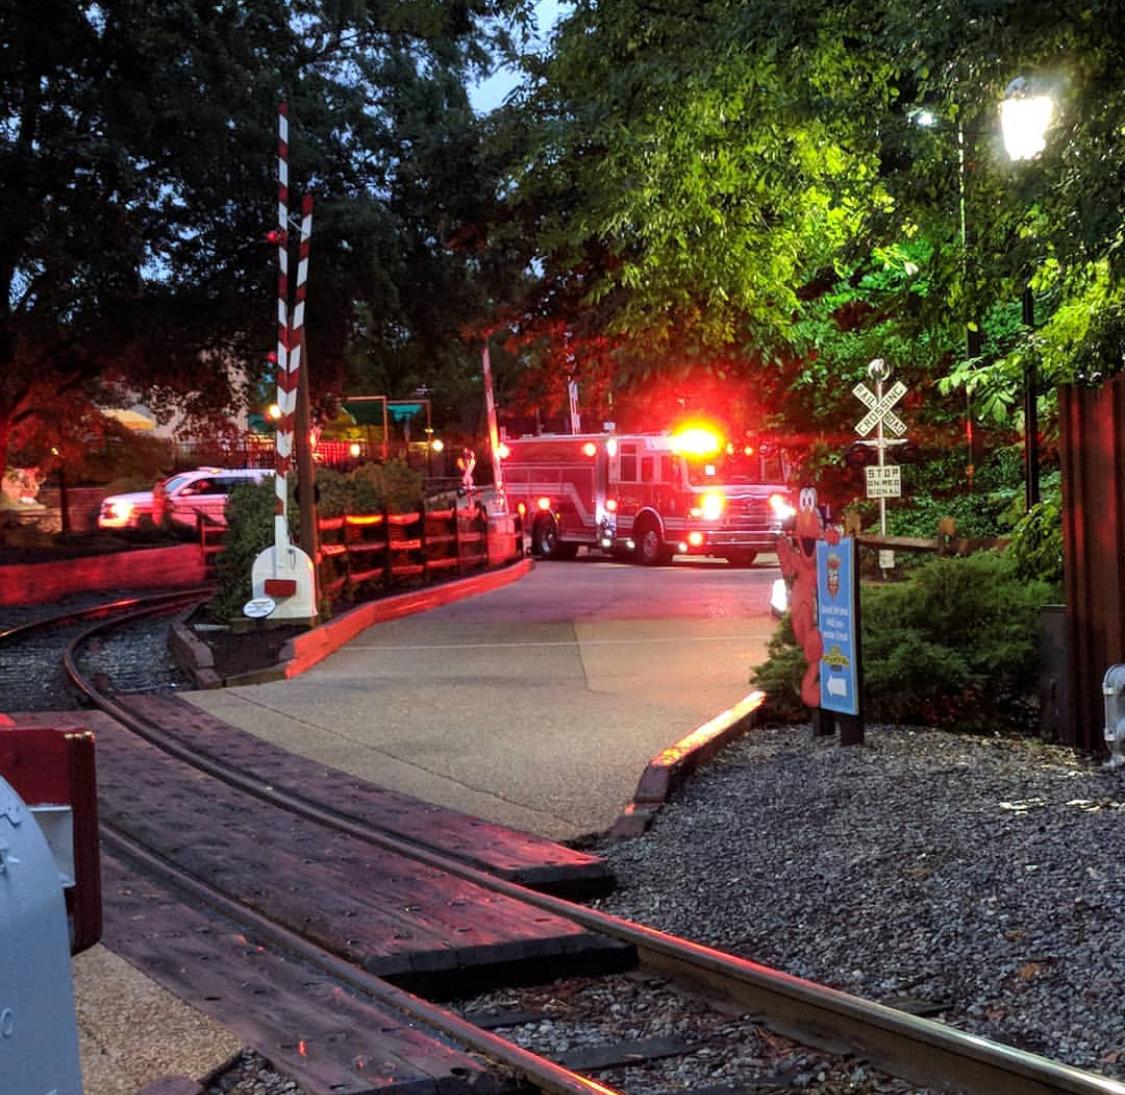 Austin Phillips Report It Busch Gardens Pompeii Fire_1532228720806.jpg-873703993.jpg